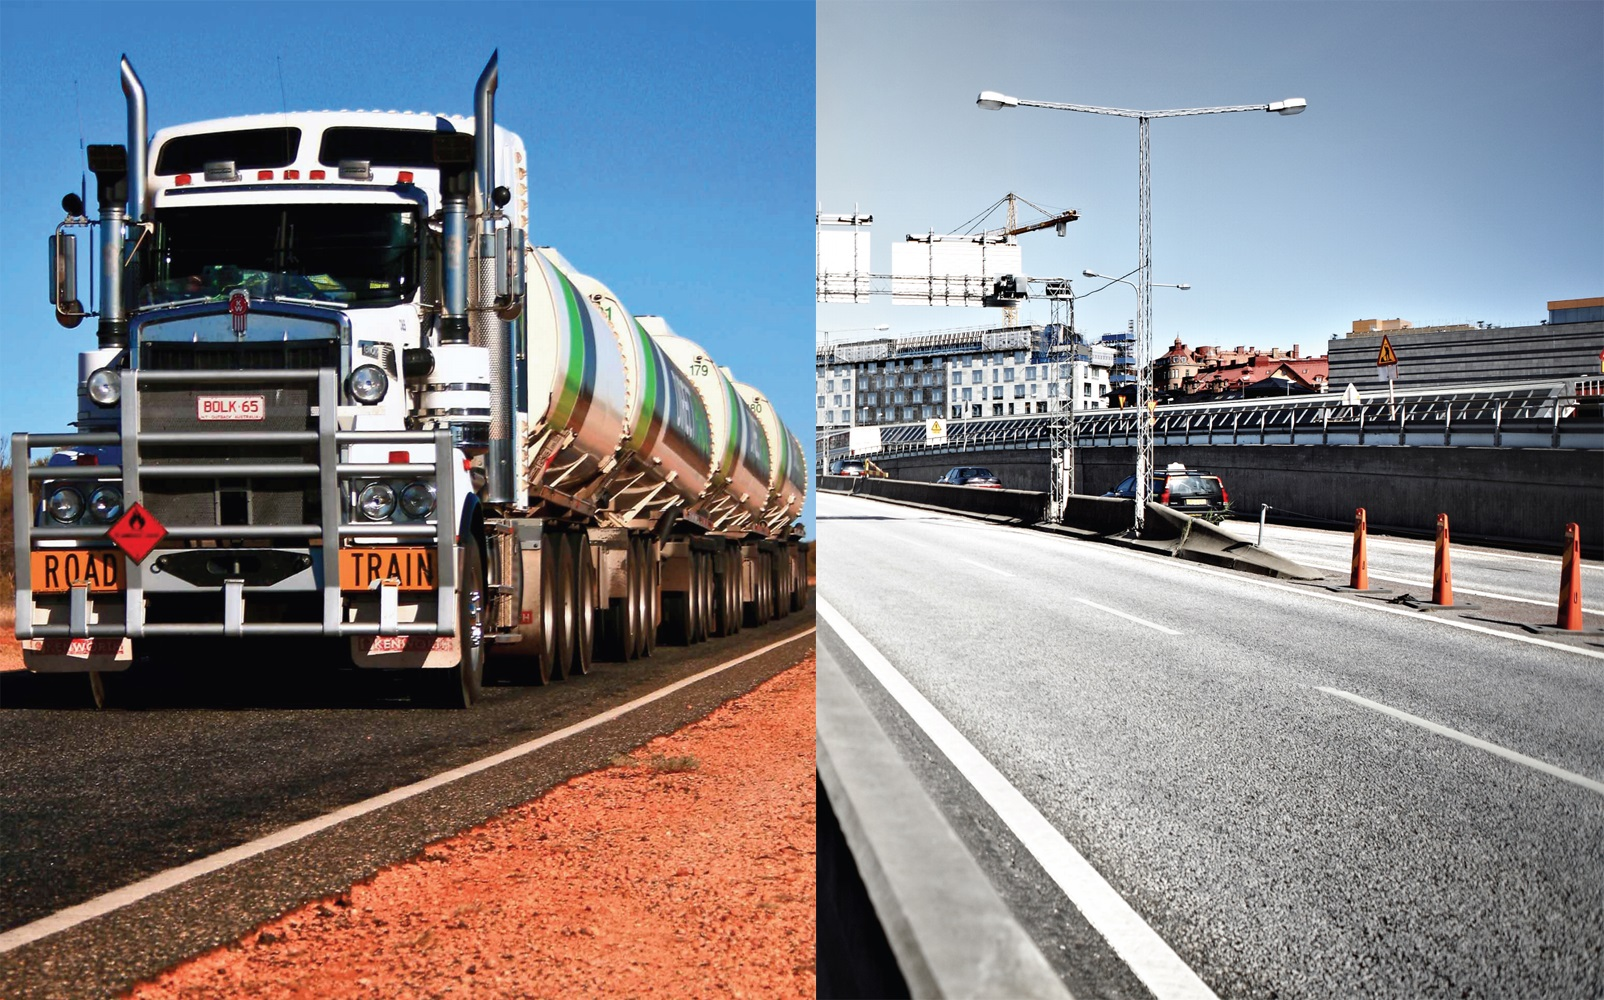 采用落锤弯沉仪监测道路承载力,达到资金最优化!